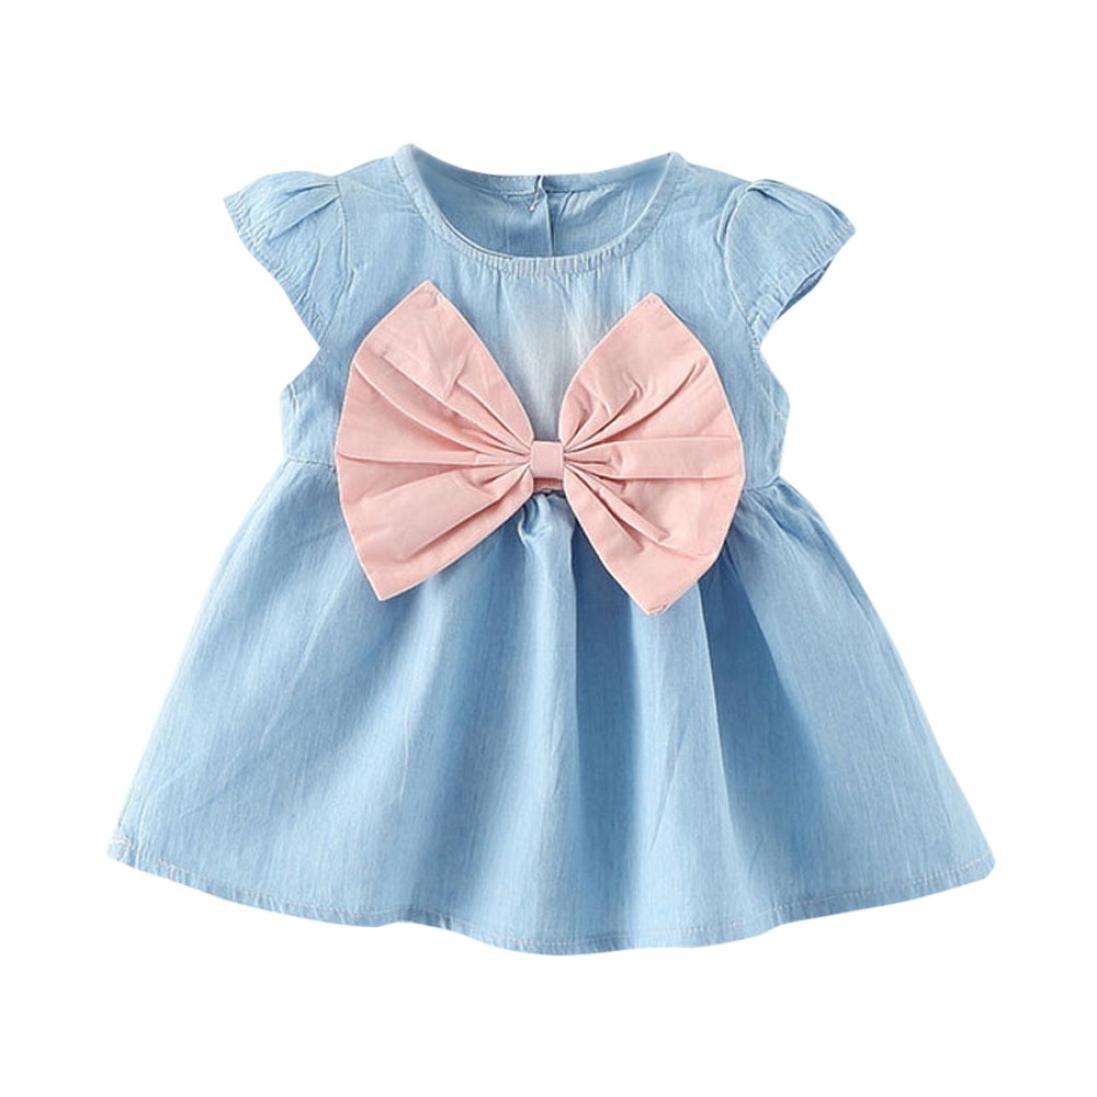 Mädchen Bowknot Prinzessin Rock Sommer Denim Kleider für Baby Kleinkinder Kinder SOMESUN Baby Kleid